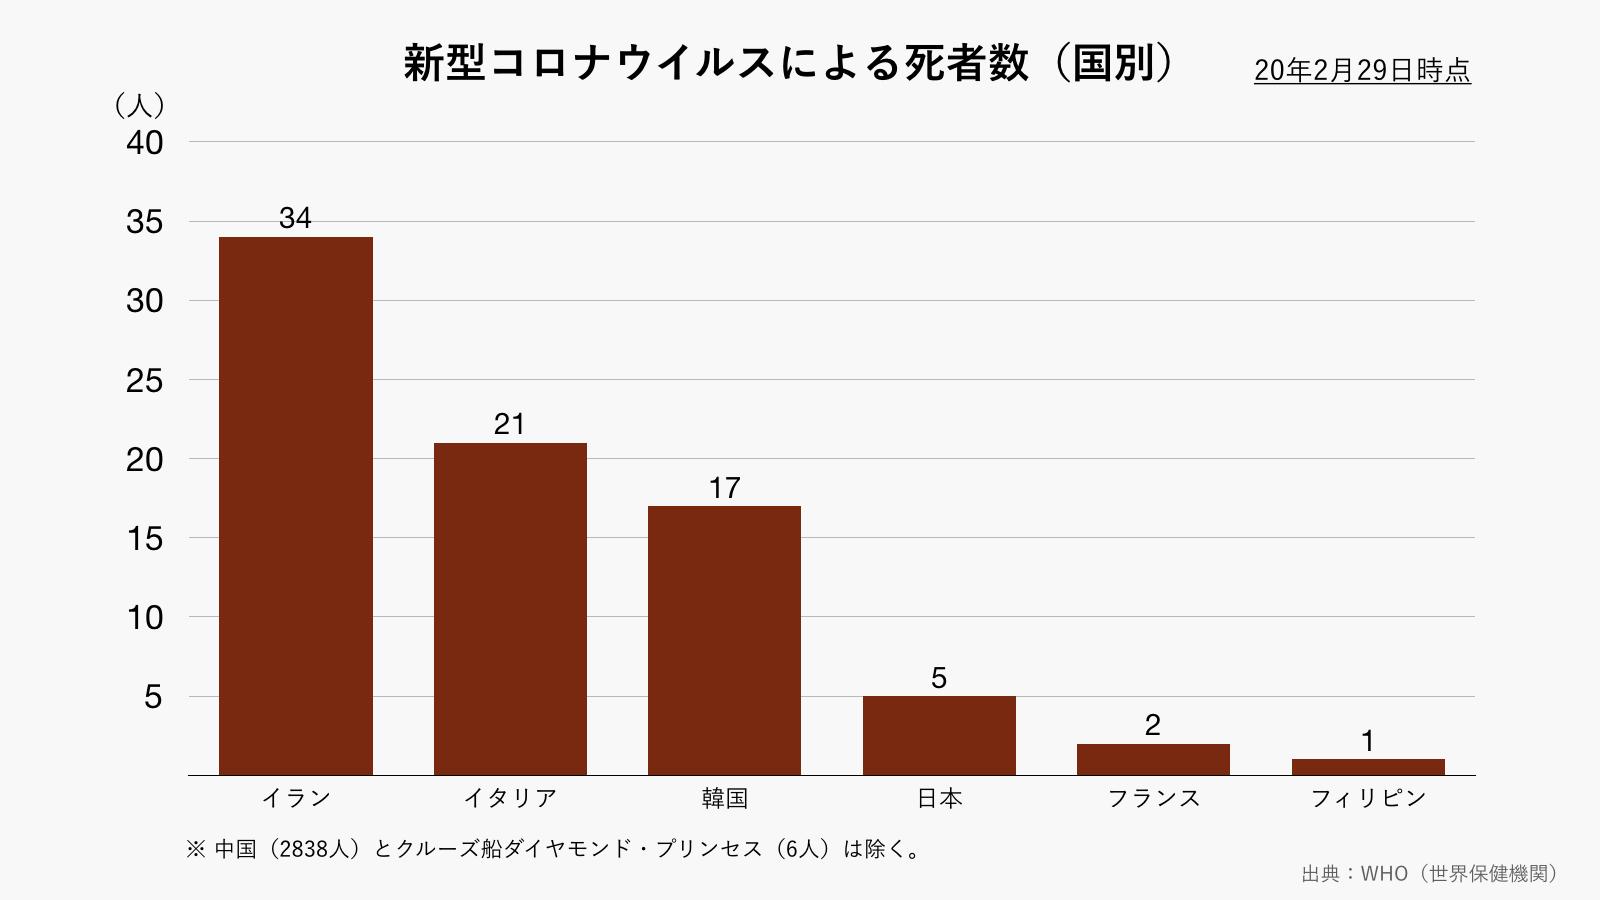 新型コロナウイルスによる国別の死者数(グレー)